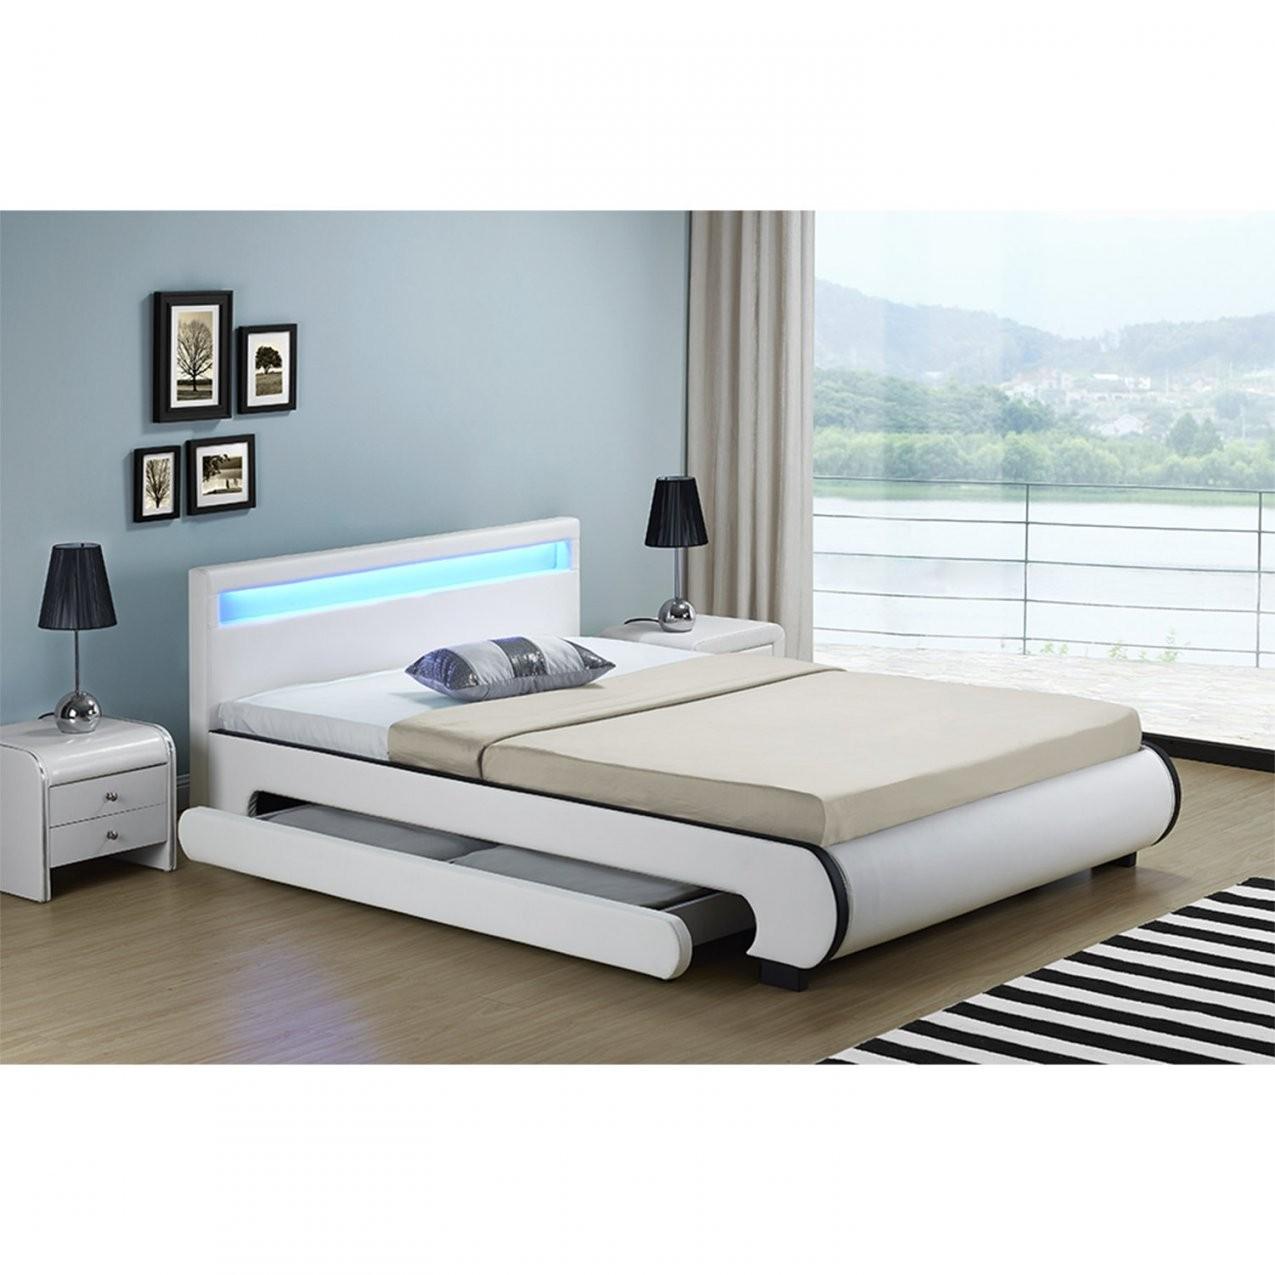 Polsterbett Bilbao Mit Bettkasten 140 X 200 Cm  Weiß von Bett Mit Bettkasten Günstig Photo